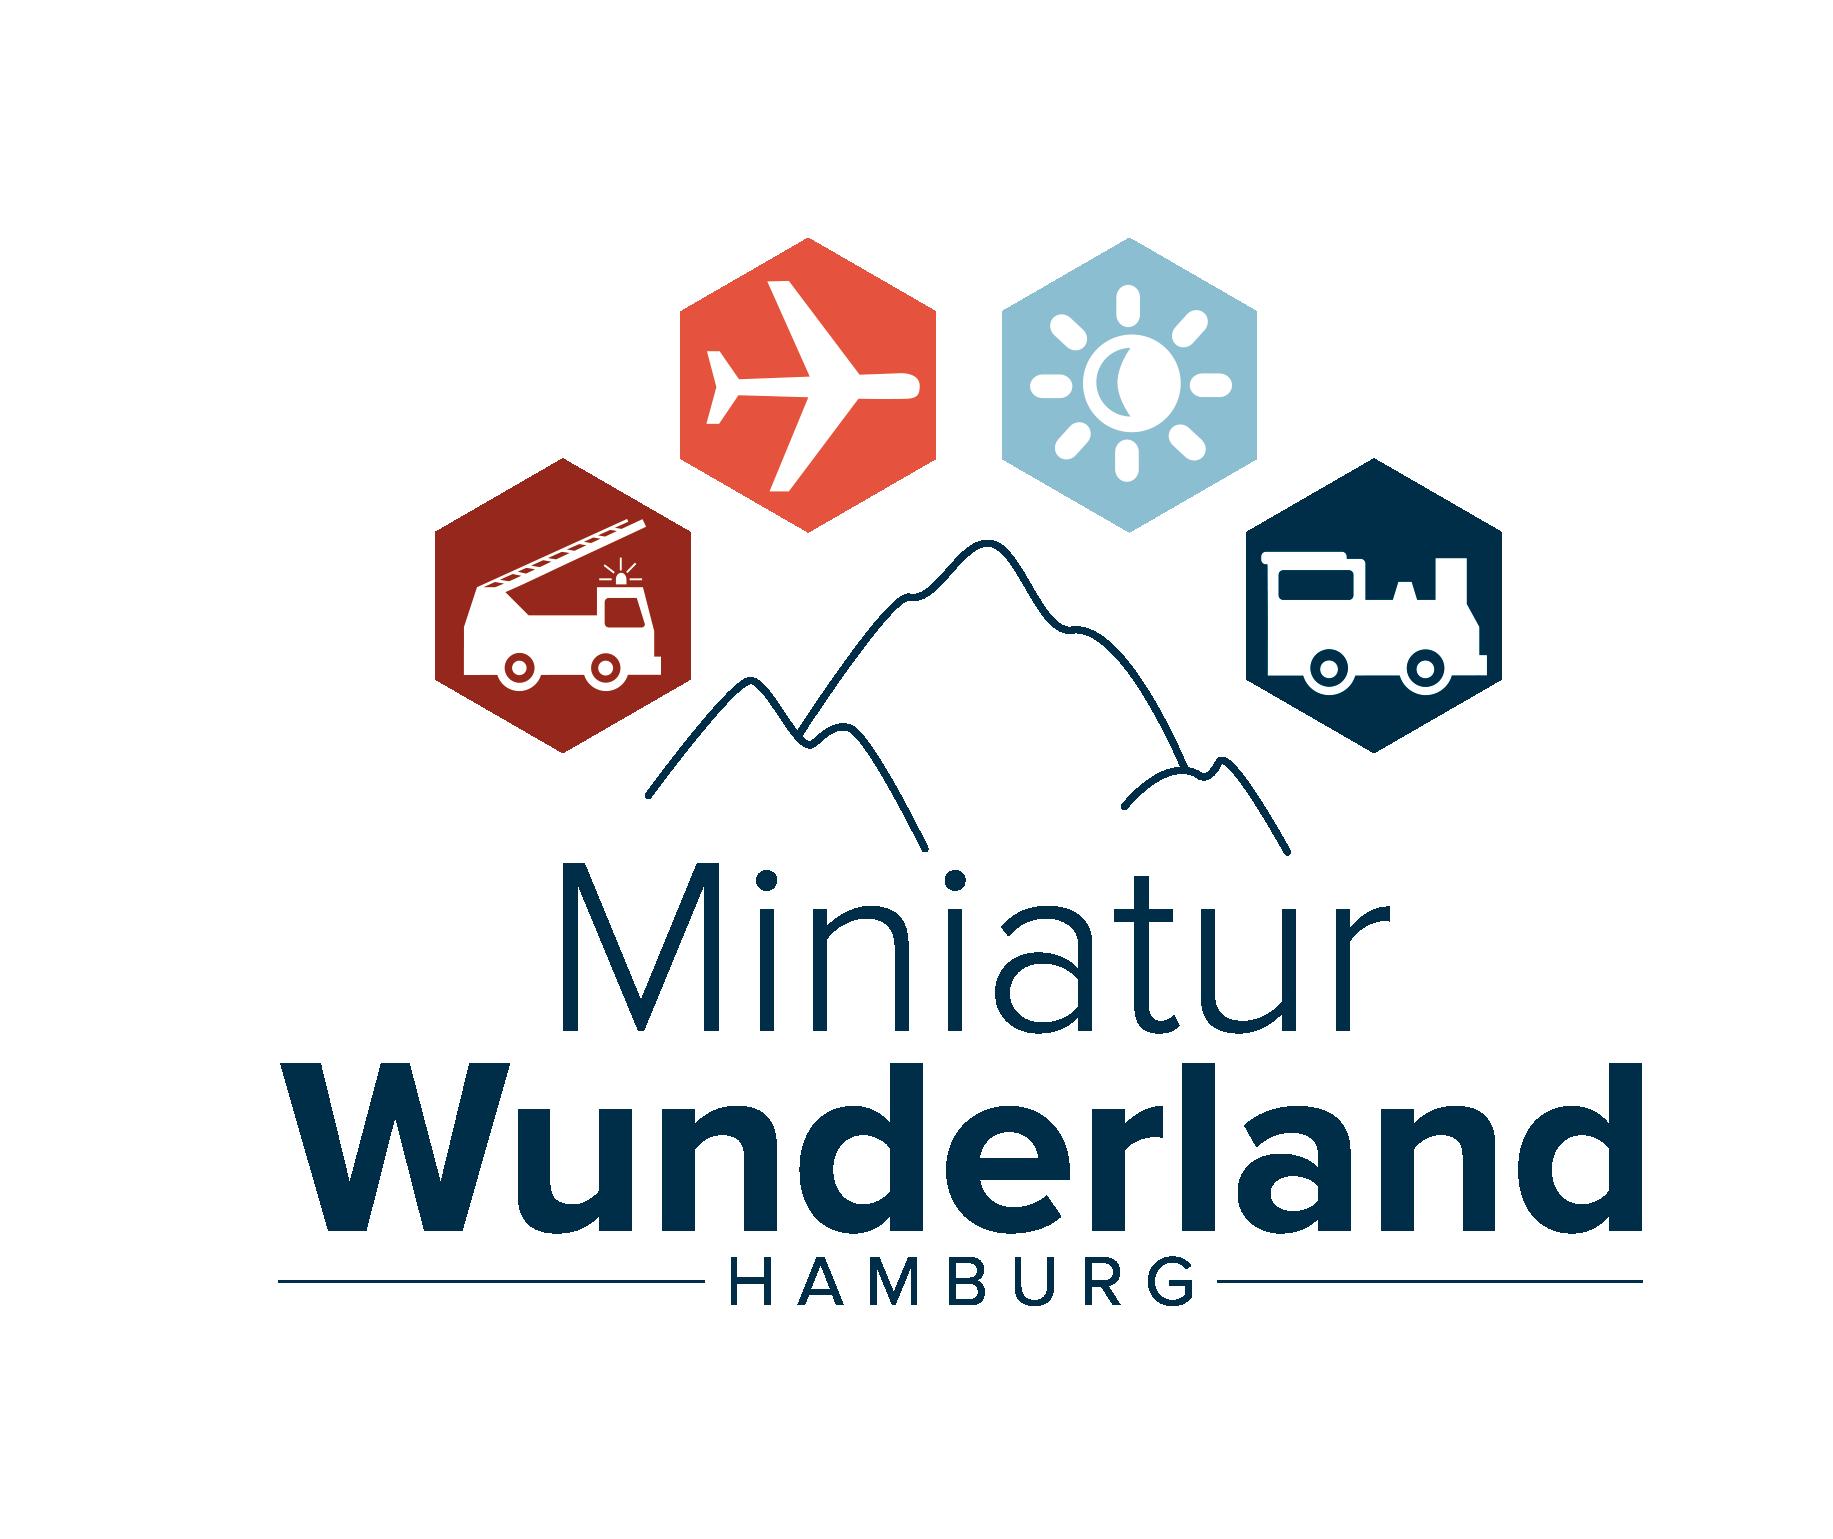 Modellbahn, Modelleisenbahn Miniatur… | Miniatur Wunderland Hamburg